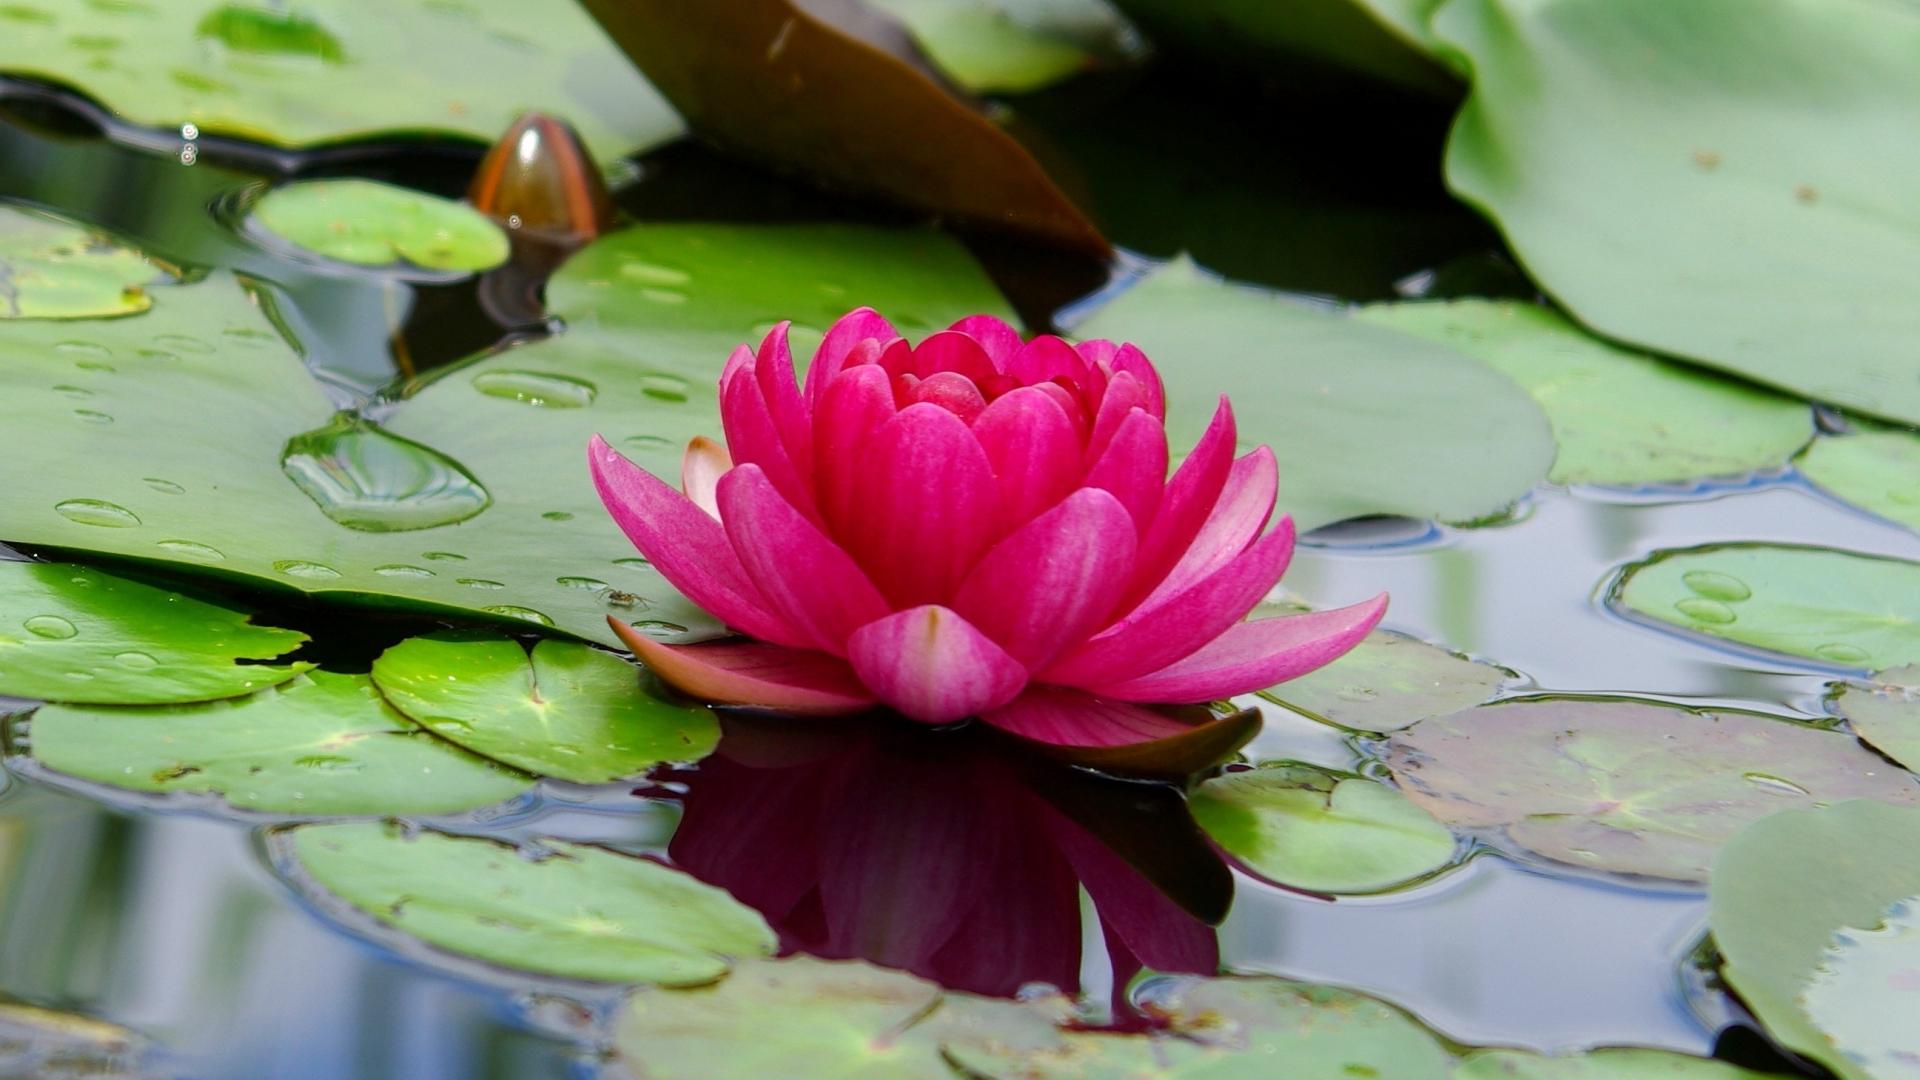 Download 1920x1080 Wallpaper Lotus Flower Pink Leaf Lake Full